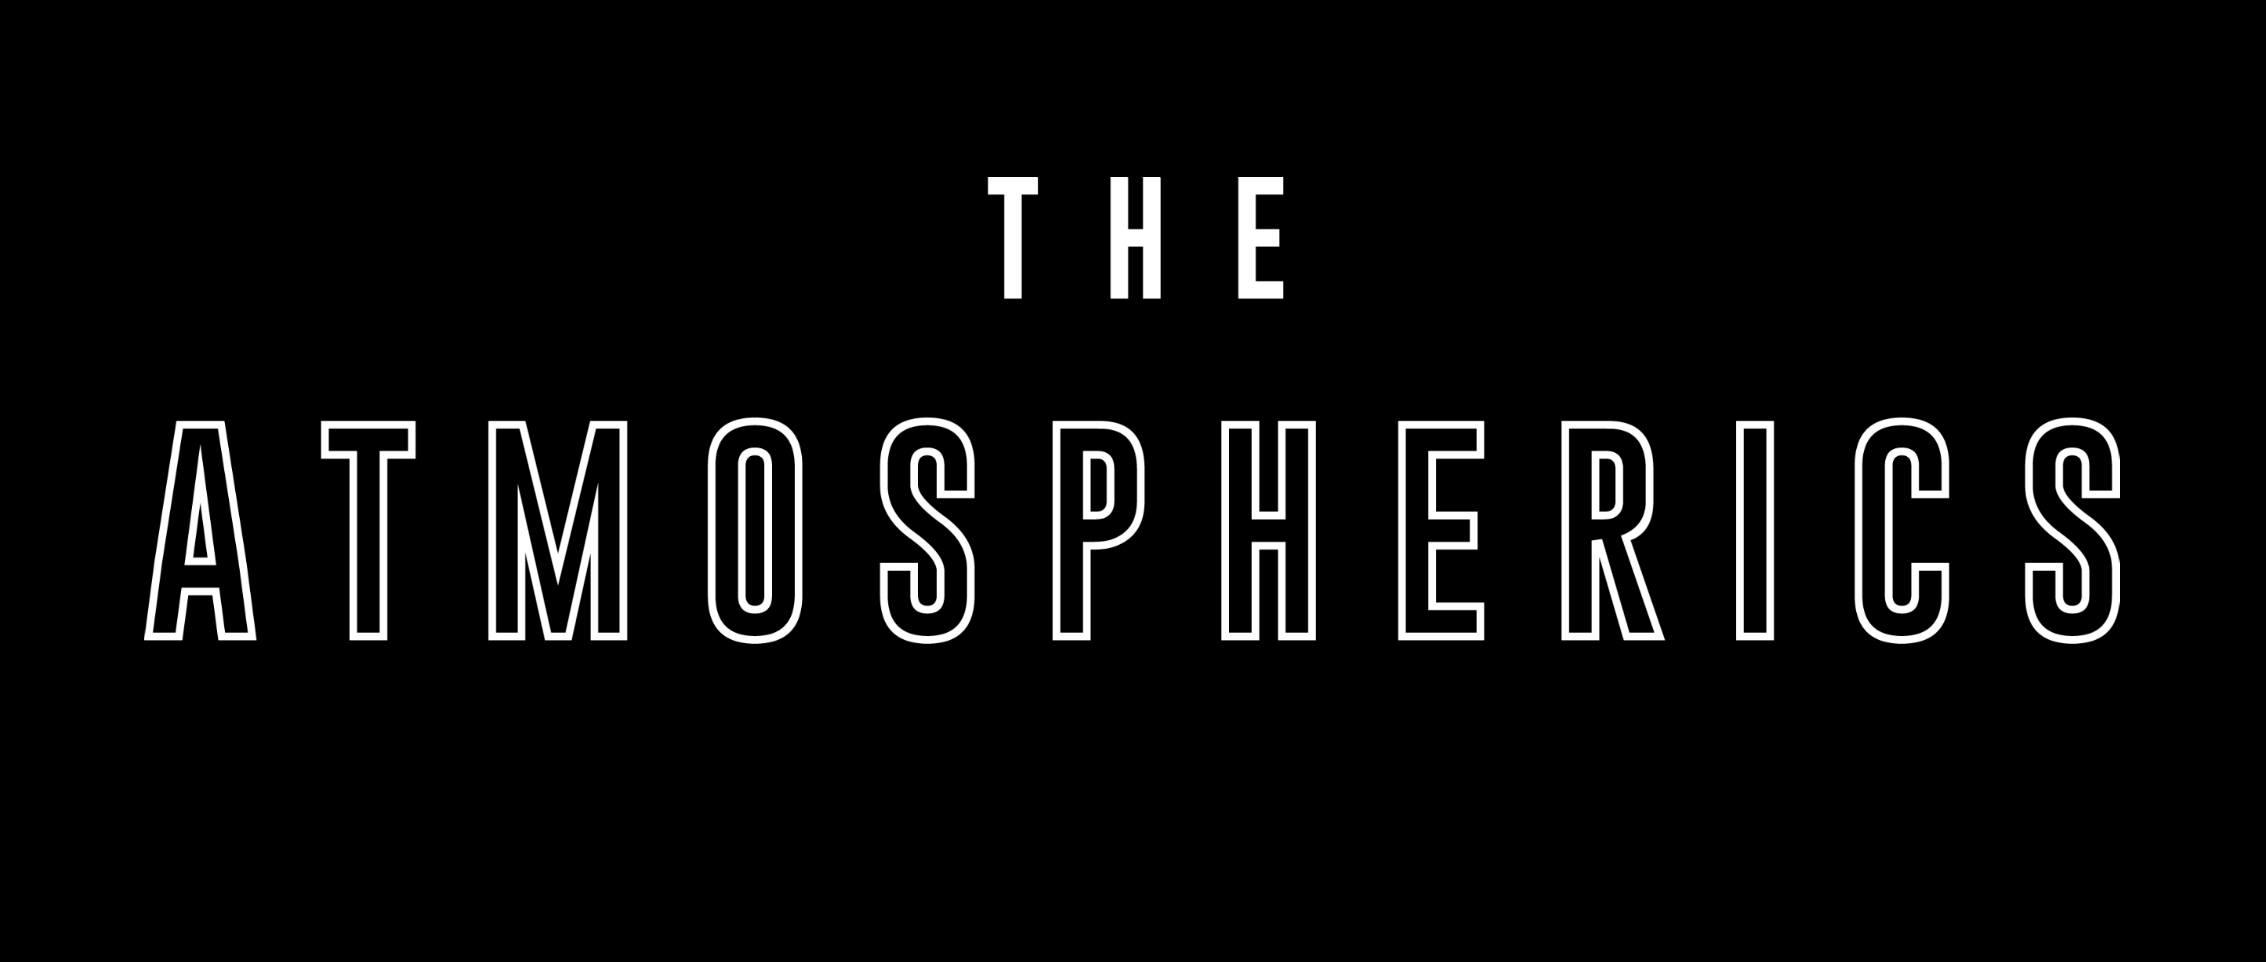 The Atmospherics